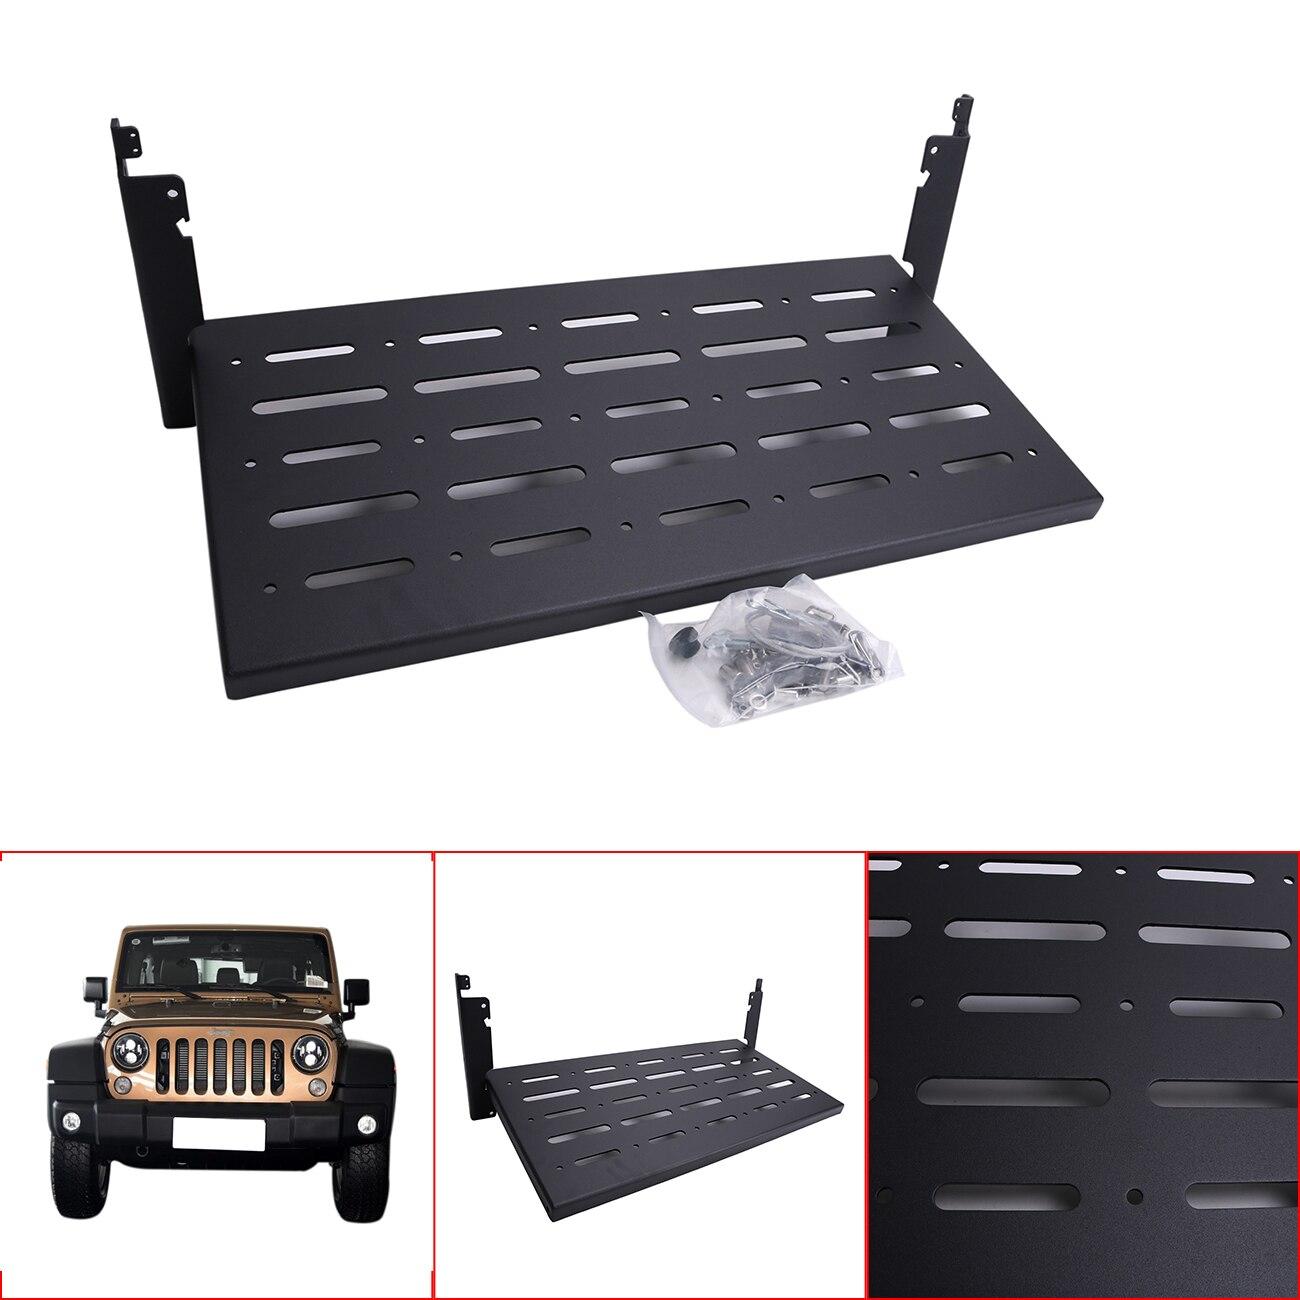 Për Jeep Wrangler JK 2007-2017 Raft raketash Transporti prej çeliku - Aksesorë të brendshëm të makinave - Foto 5